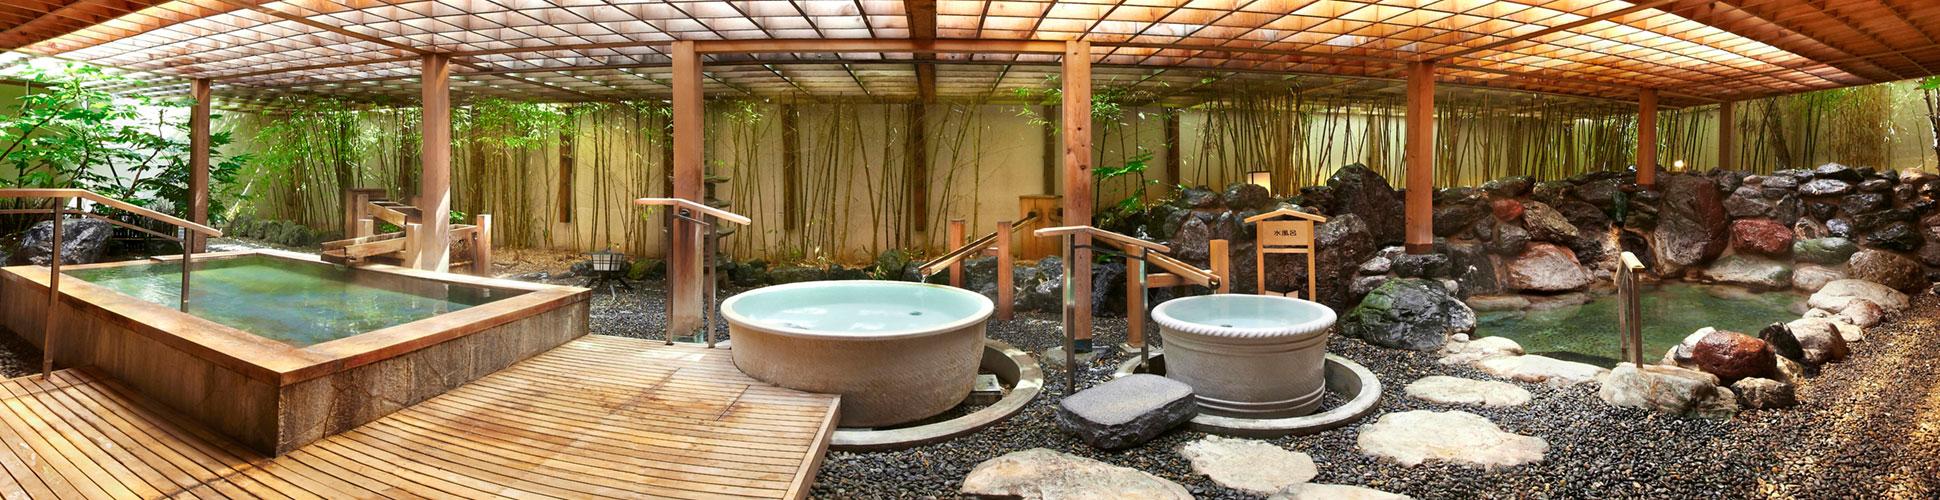 函館 湯の川温泉 花びしホテル 温泉のご案内